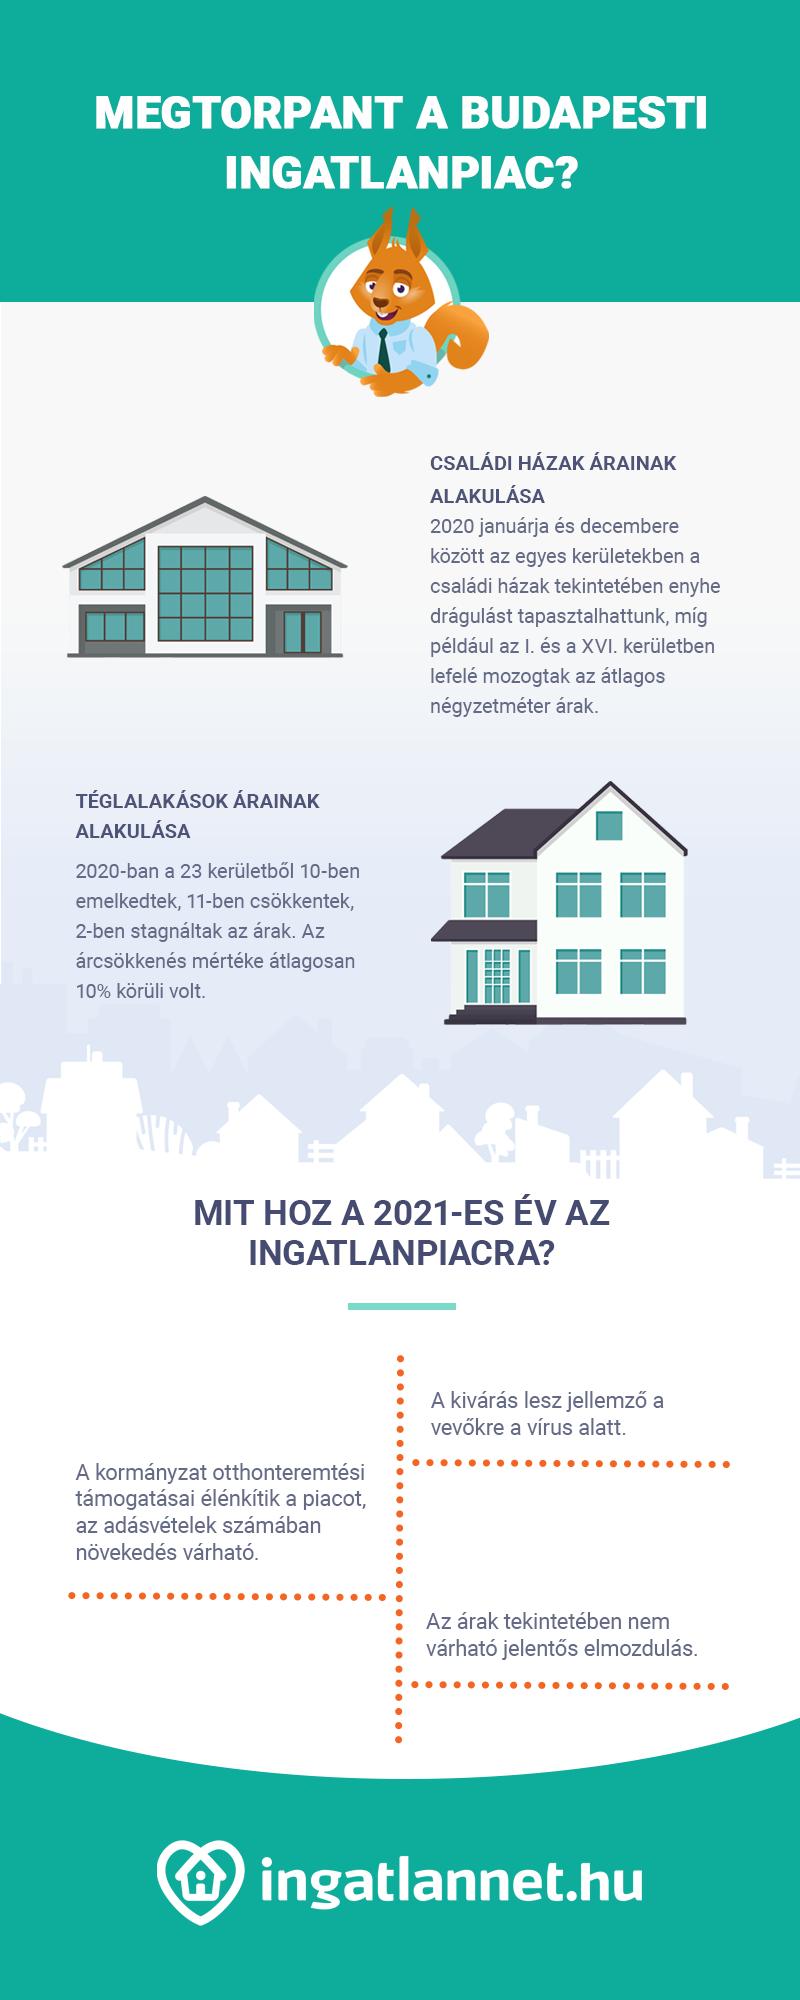 Infografika a budapesti ingatlanpiac alakulásáról